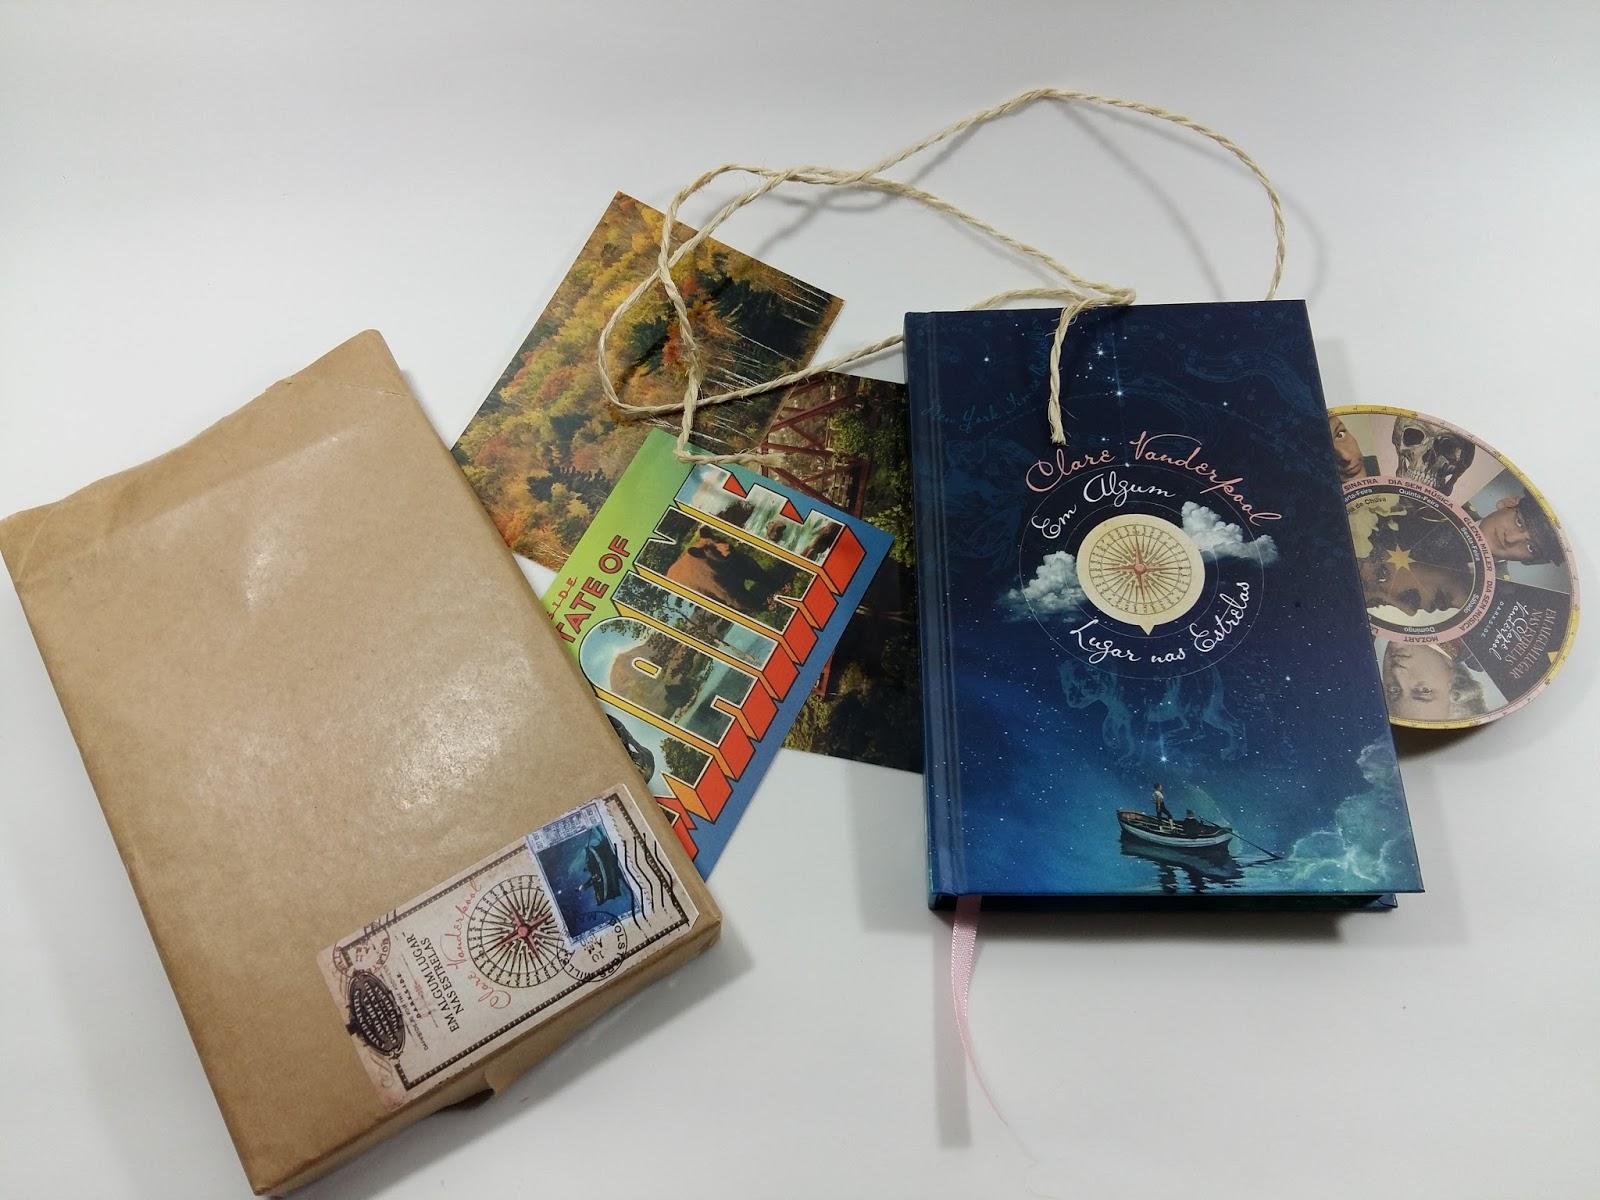 Unboxing Em Algum Lugar nas Estrelas, Clare Vanderpool Darkside Books, Unboxing Clare Vanderpool, Em Algum Lugar nas Estrelas Clare Vanderpool;